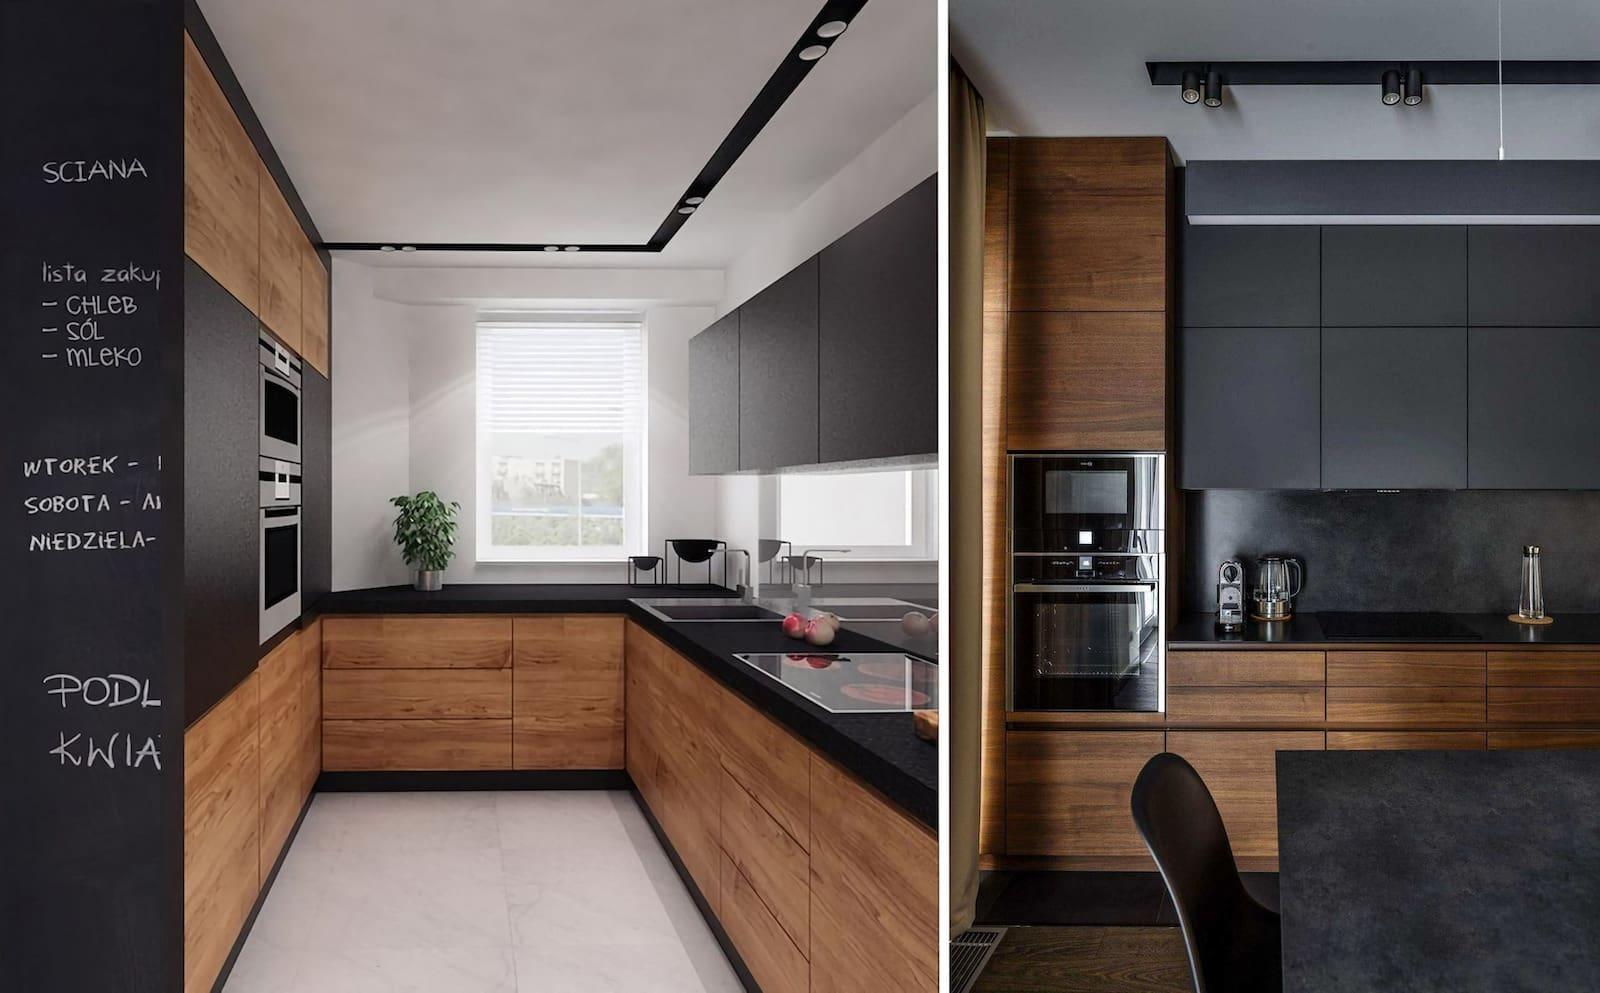 Le noir s'harmonise parfaitement avec la structure en bois mise en valeur.